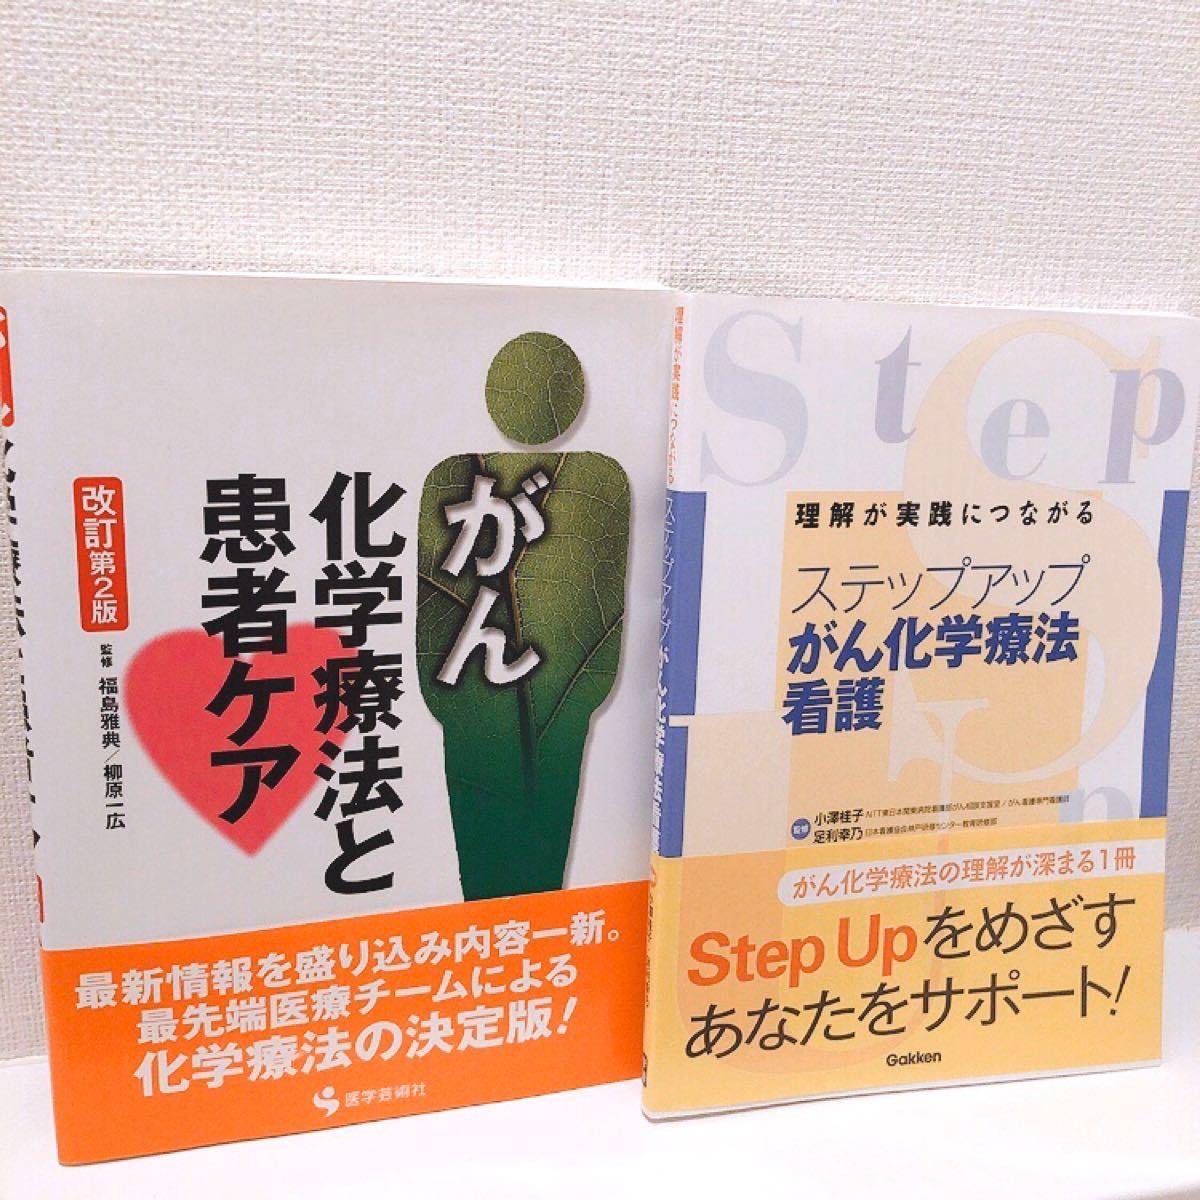 知識・技術のStep Upに!看護師/医師向け【がん化学療法 参考書2冊セット】